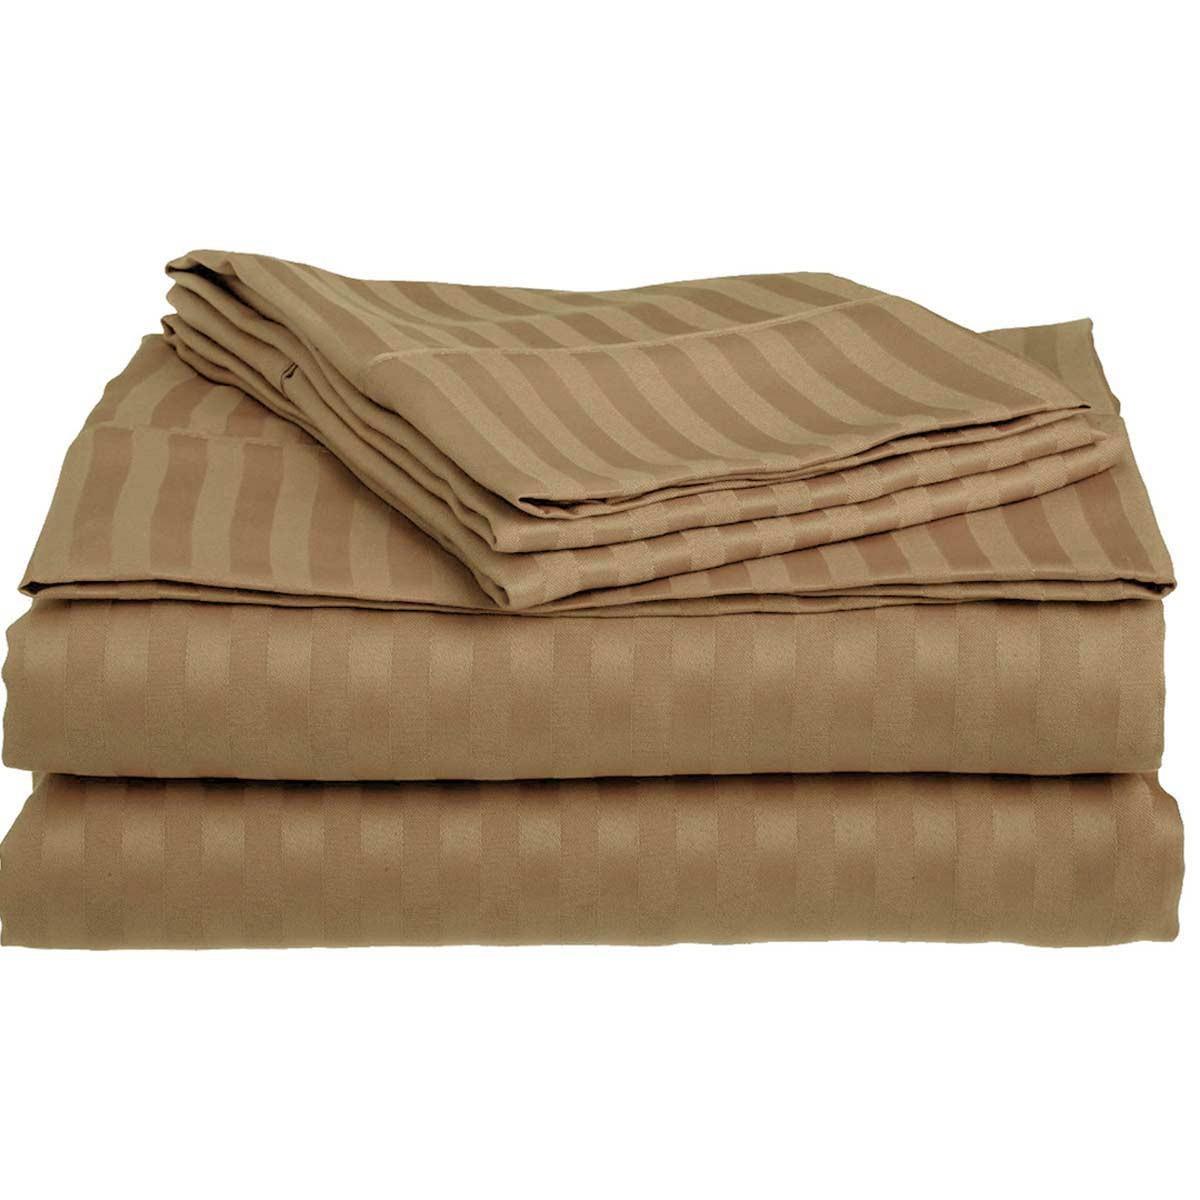 Σεντόνια Υπέρδιπλα (Σετ) 400 By Bedwall Satin Stripe Camel